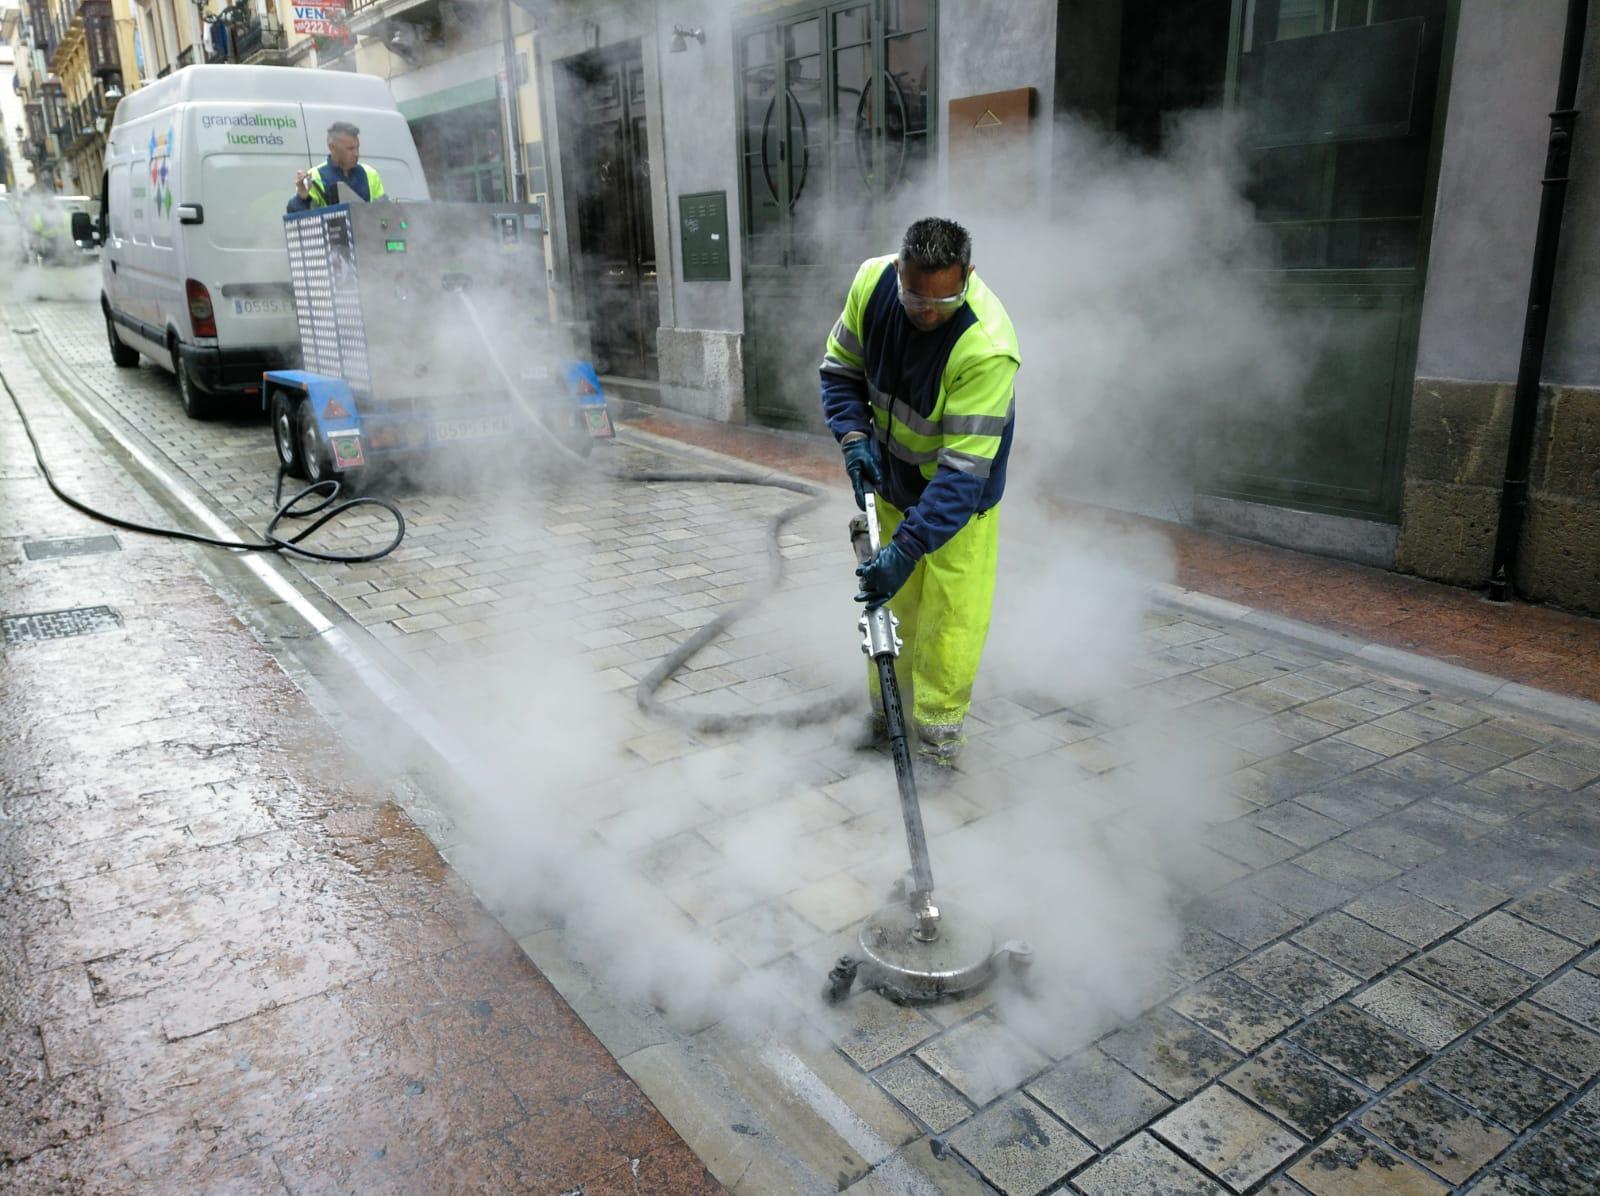 El dispositivo especial de limpieza de Semana Santa retira 1.000 kilogramos de cera, un 7% más que en 2018